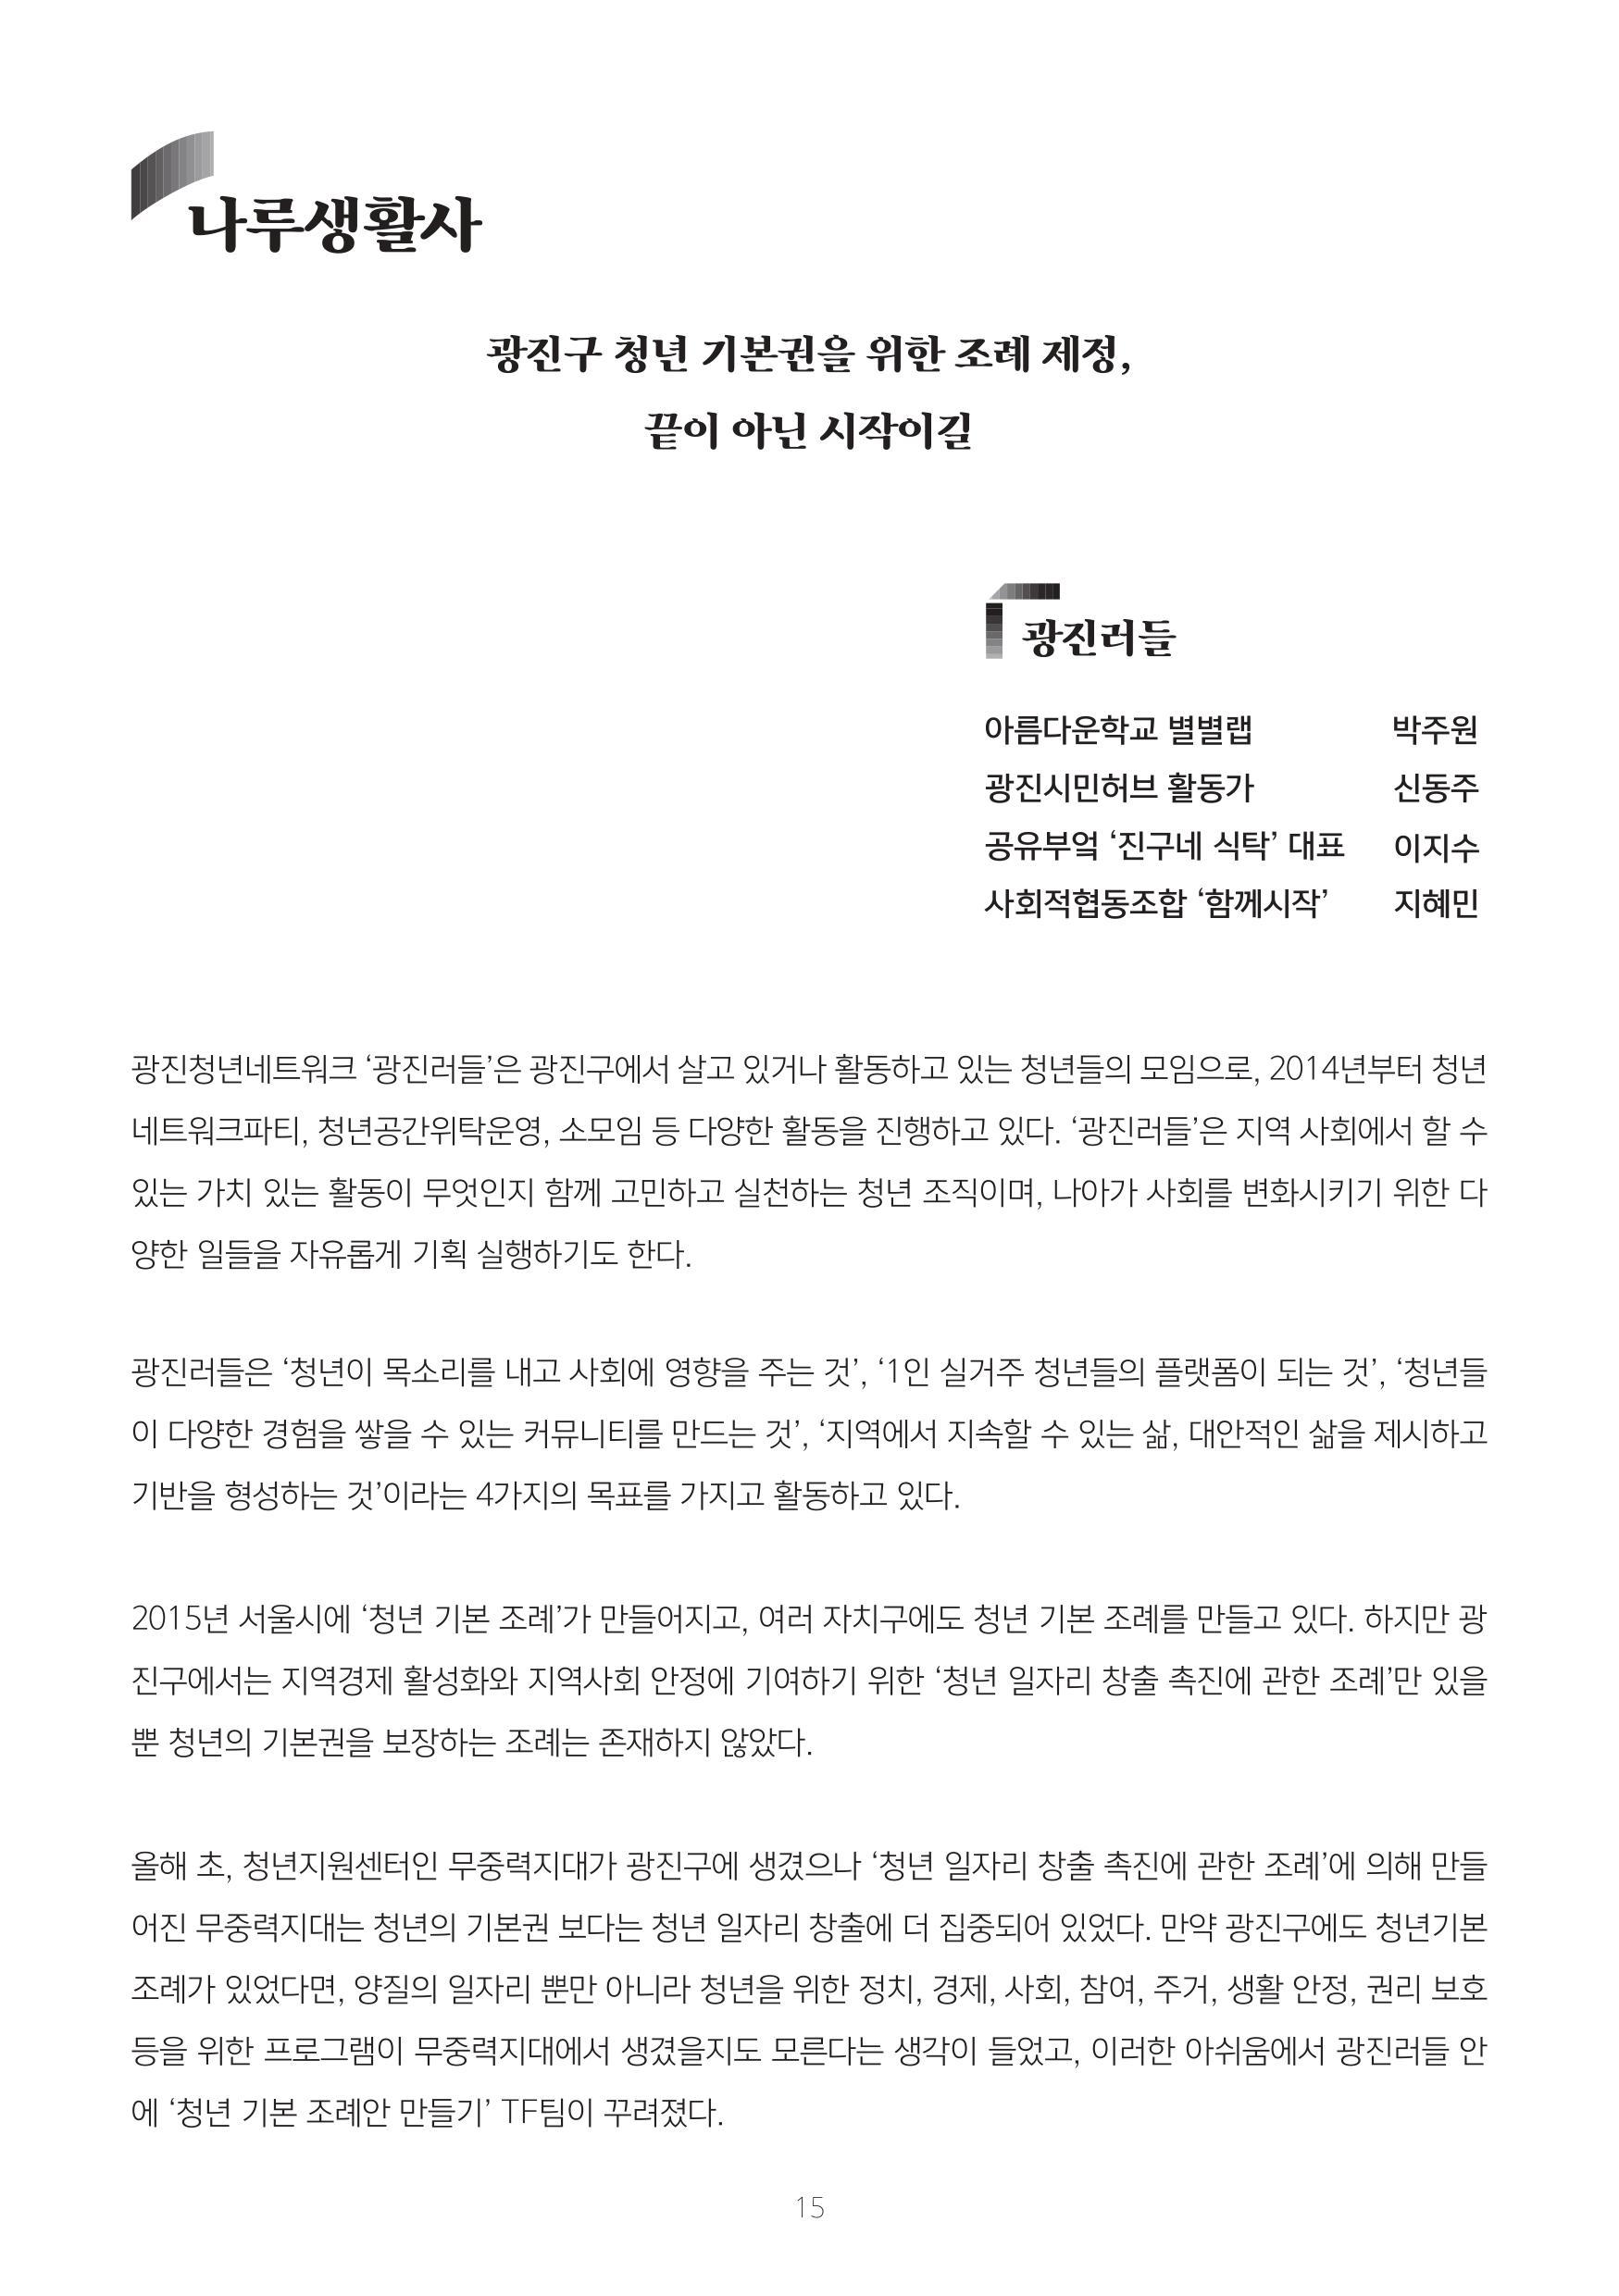 [나루사이 2호]나루생활사_광진구 청년 기본조례 제정